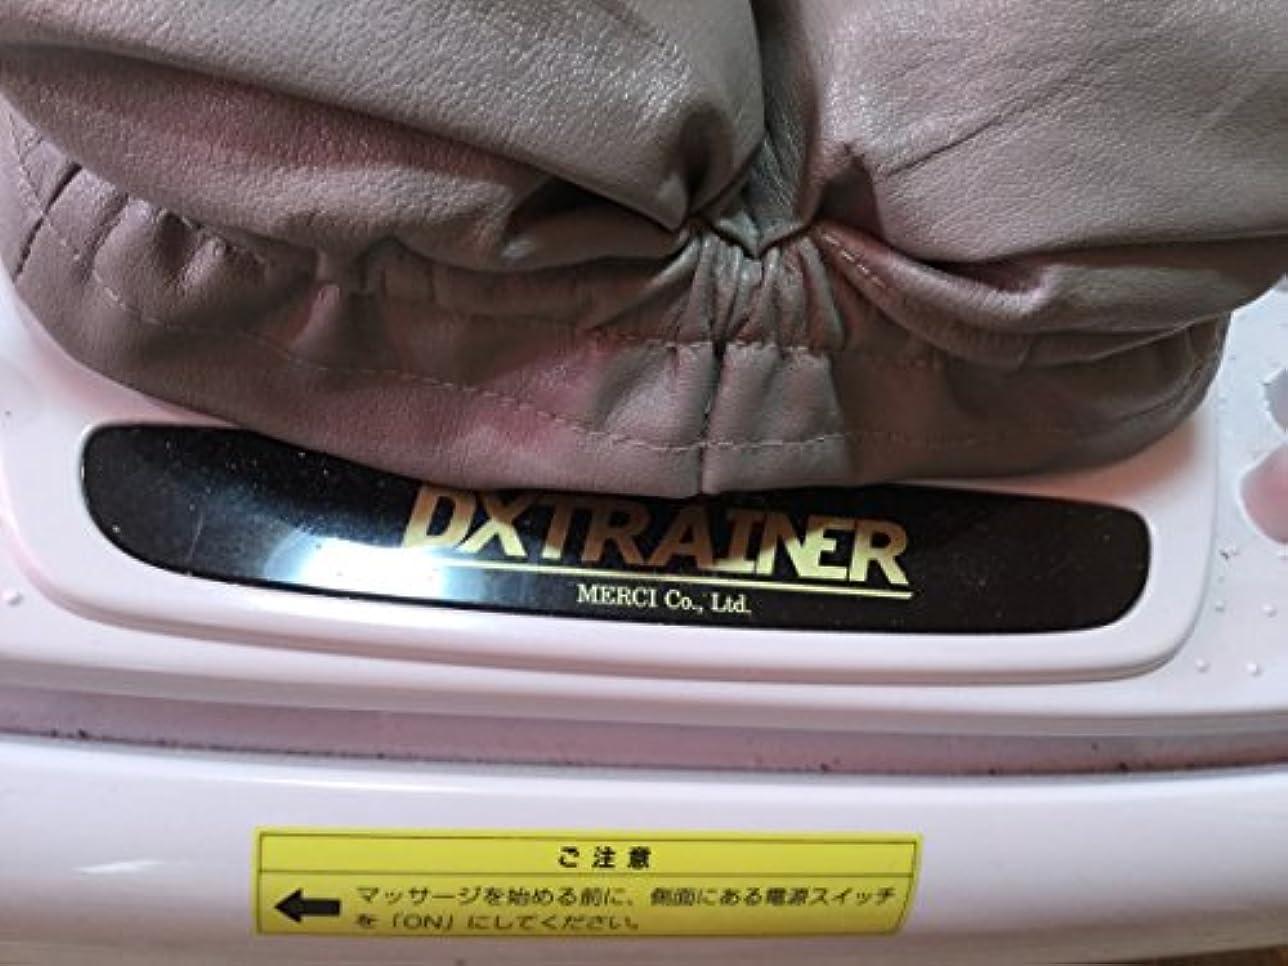 レシピ横たわる厳密にDX TRAINER ディーエックストレーナー MD-8400